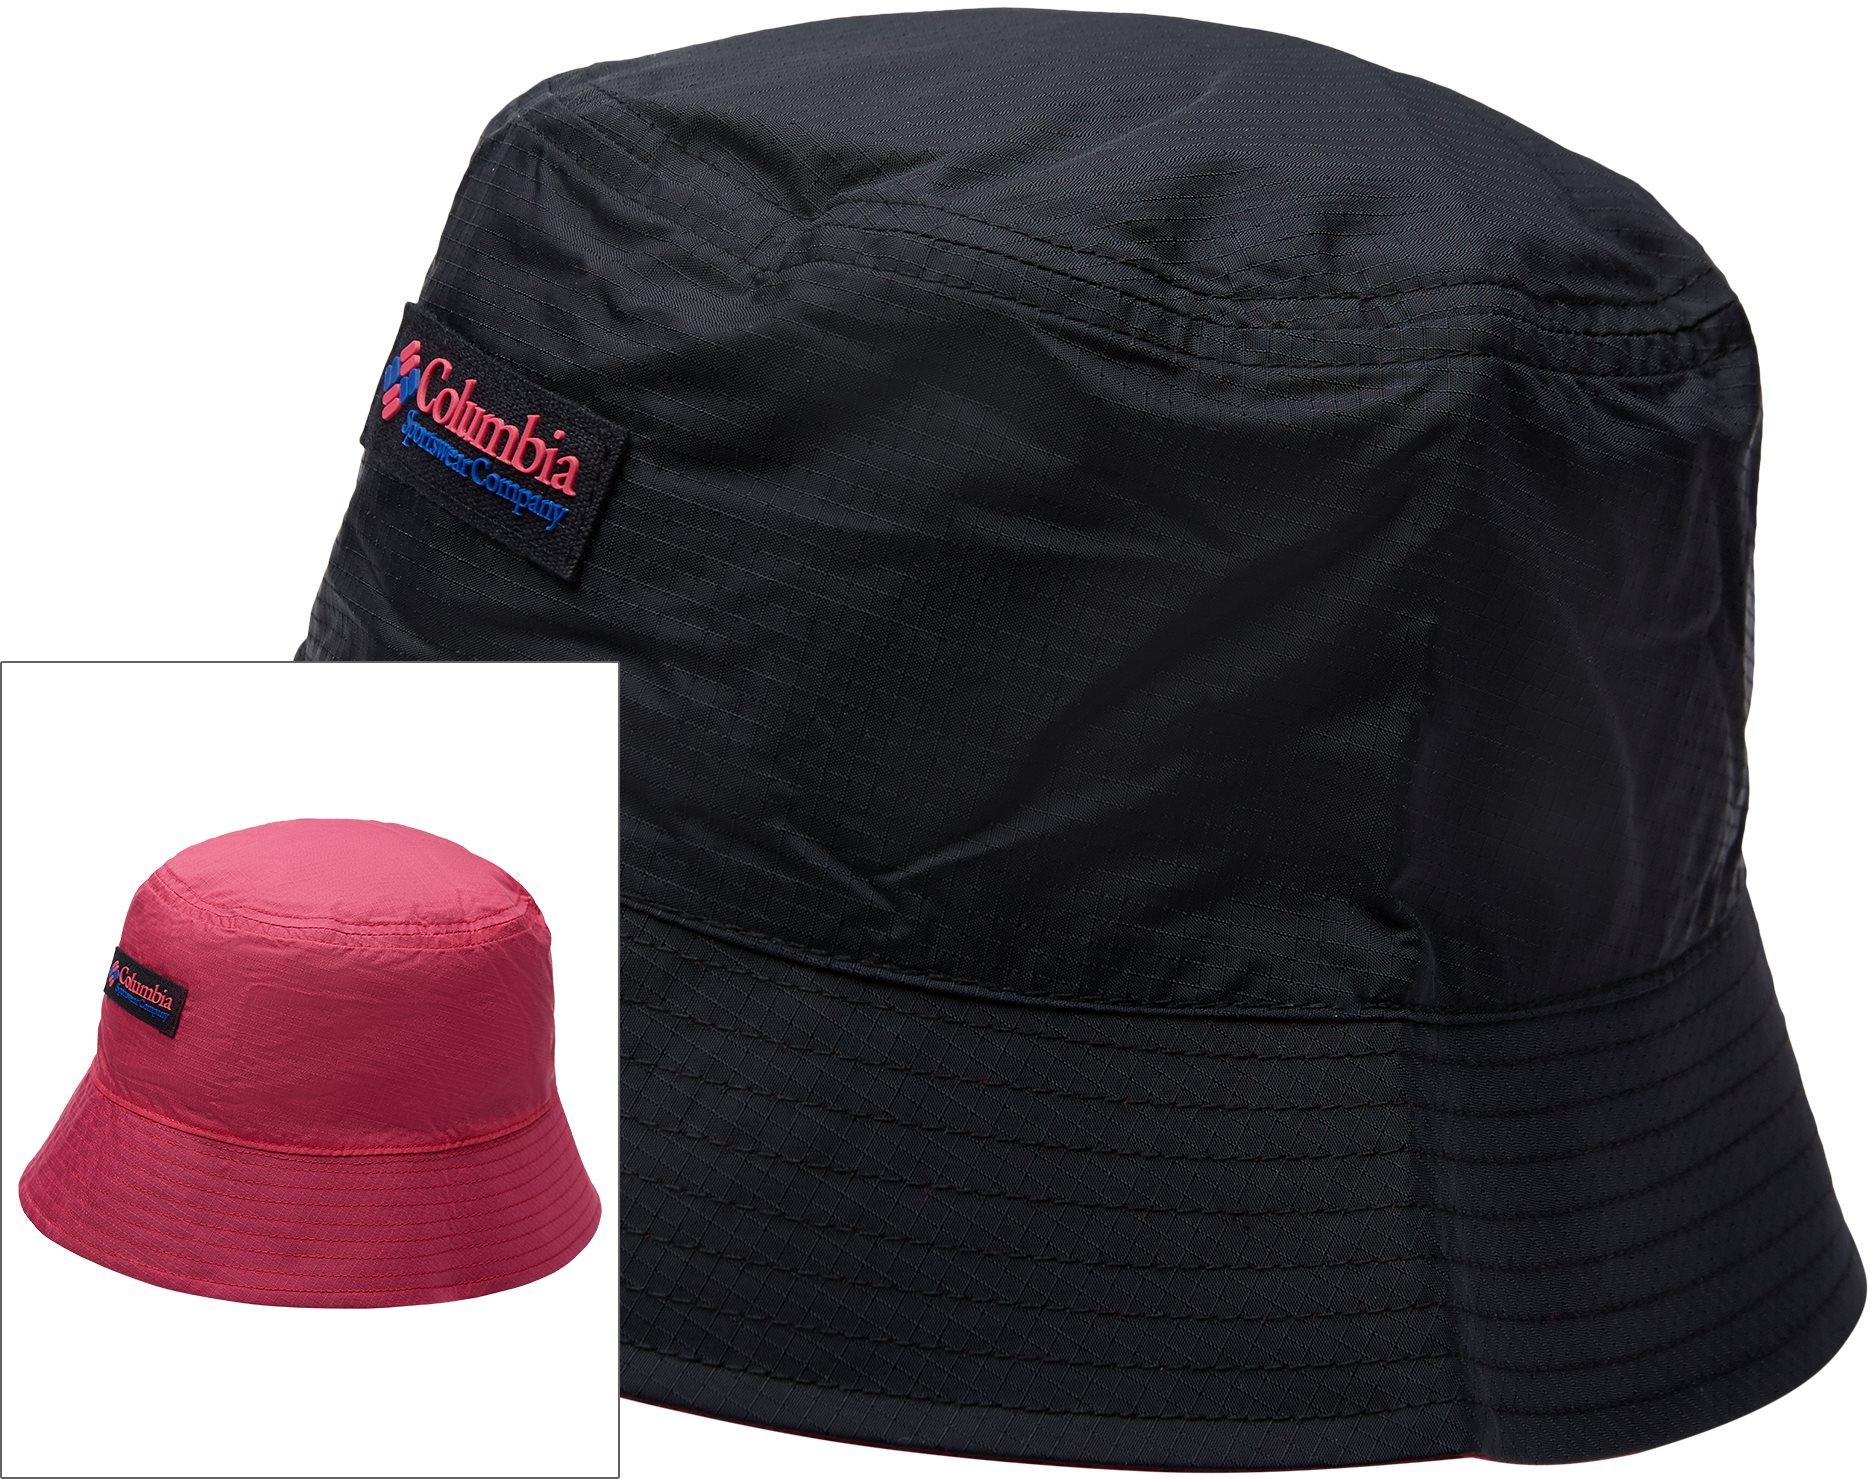 Roatan Drifter II Bucket Hat - Caps - Sort